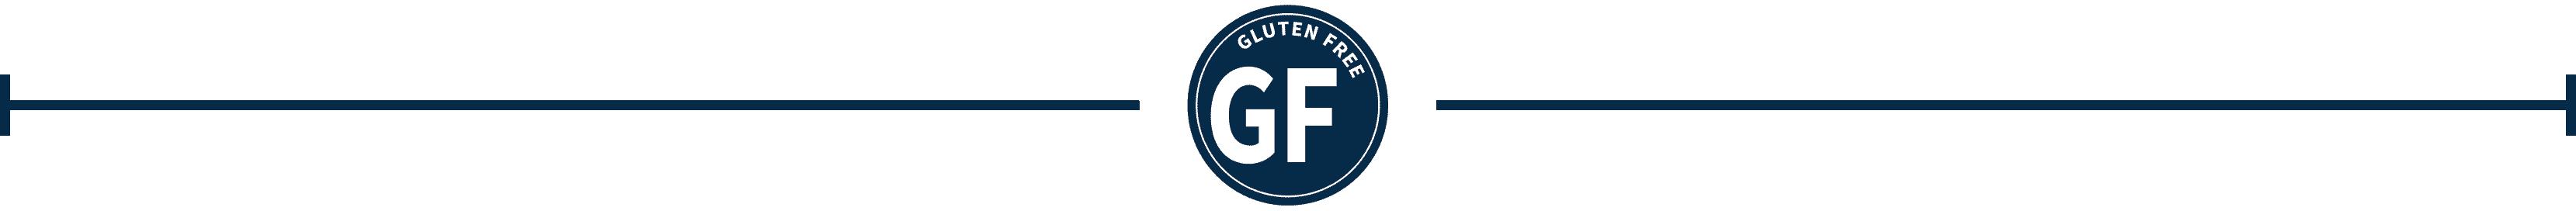 gluten_free_icon_divider